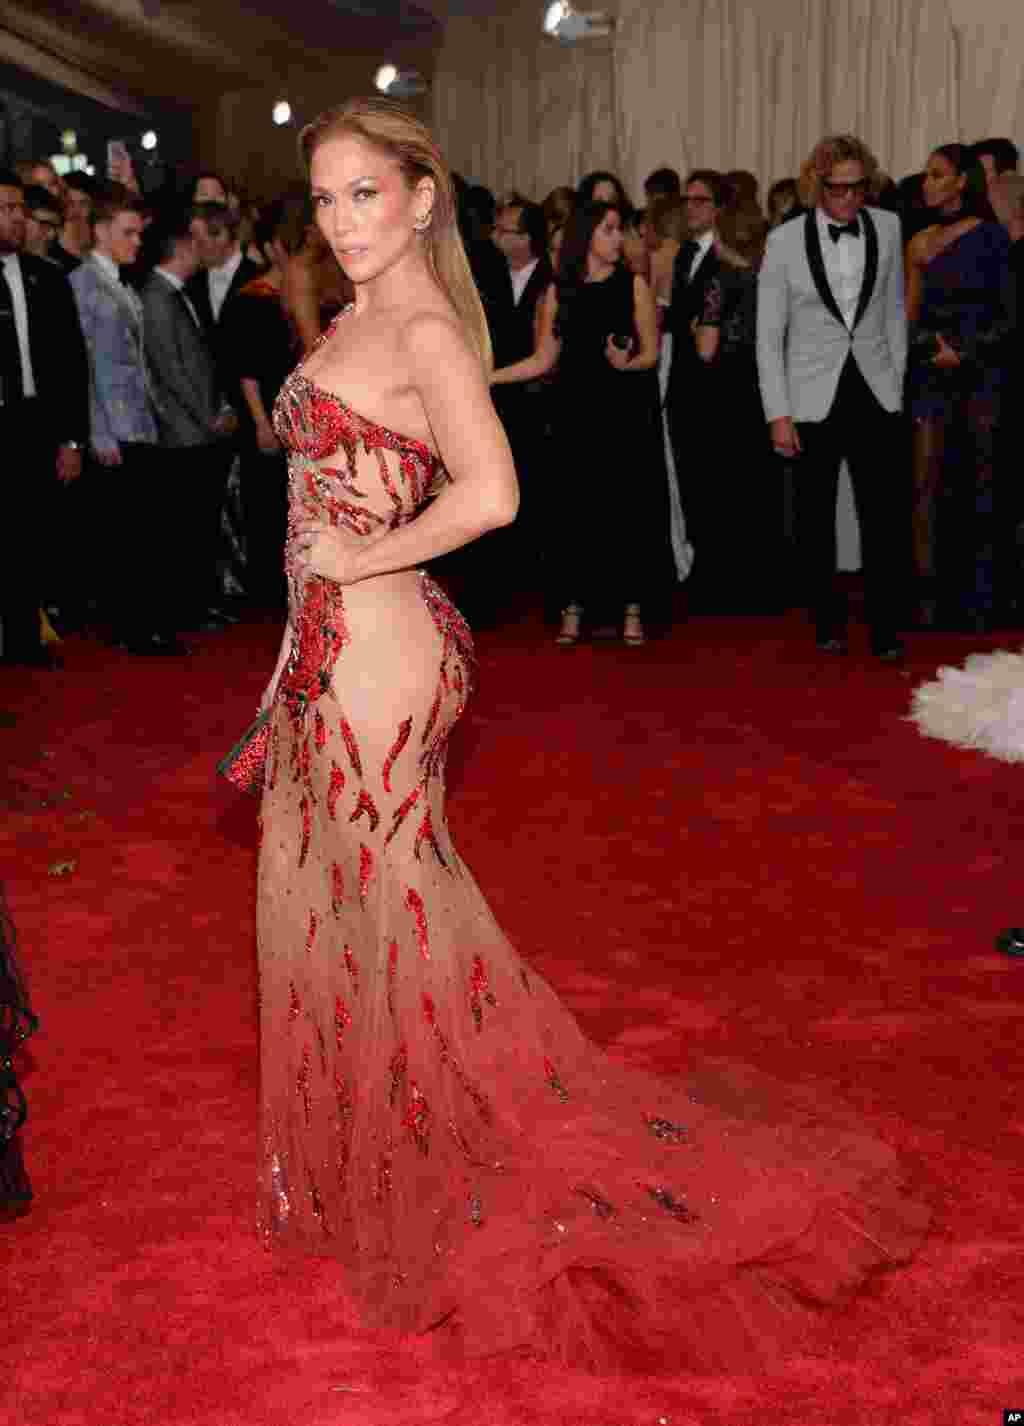 Jennifer Lopez chegou ao evento atraindo olhares, com um vestido que mostrava quase tanto quanto cobria.